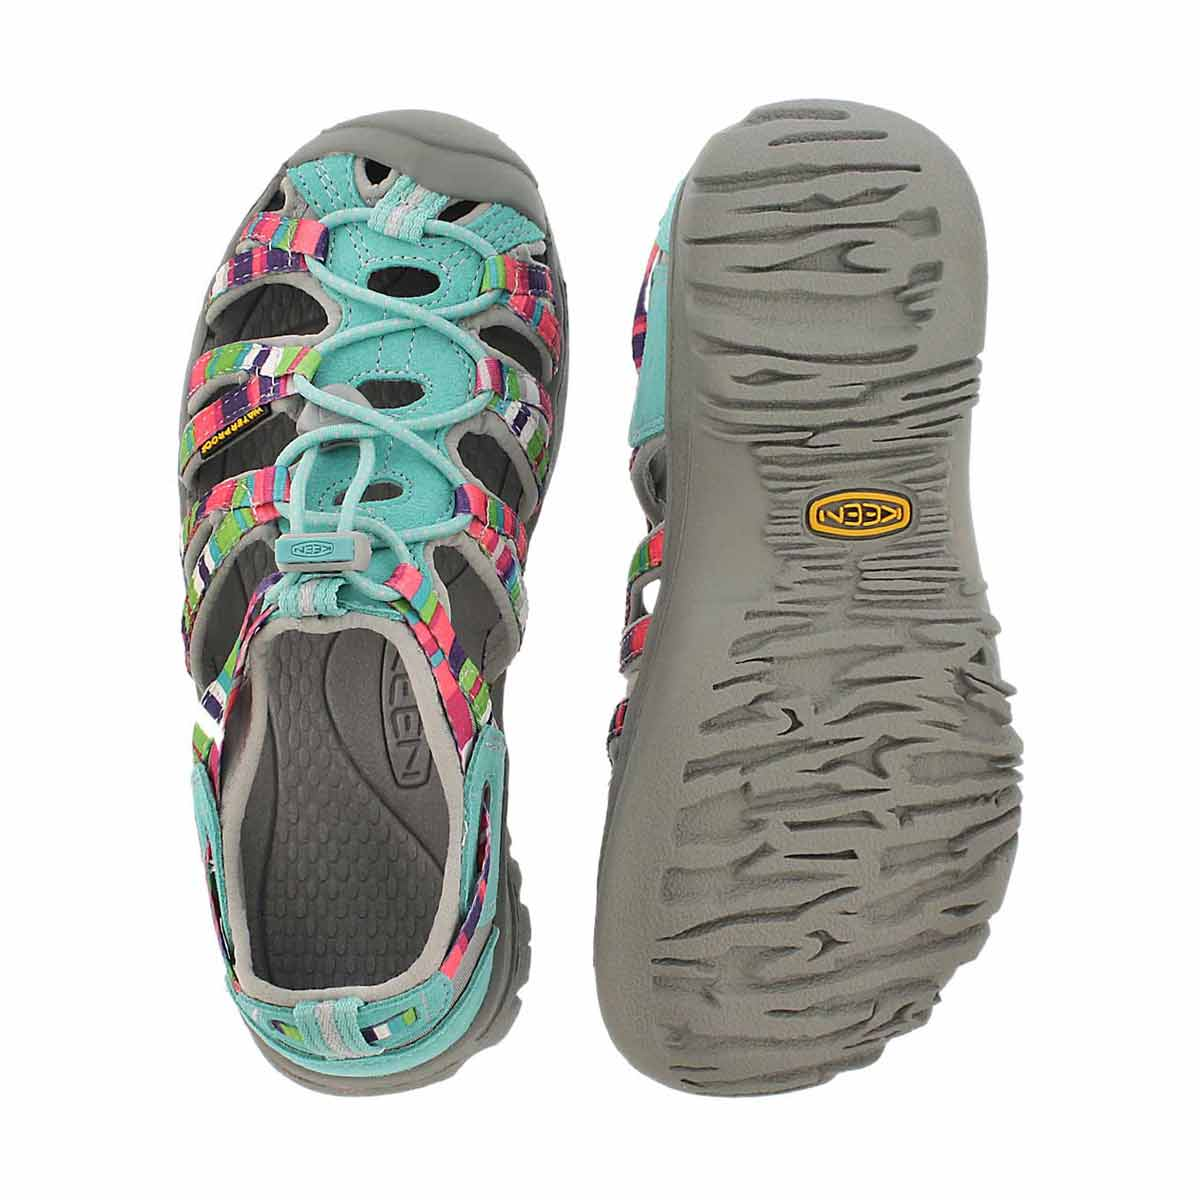 Sandale sport WHISPER, bleu/multi, fille